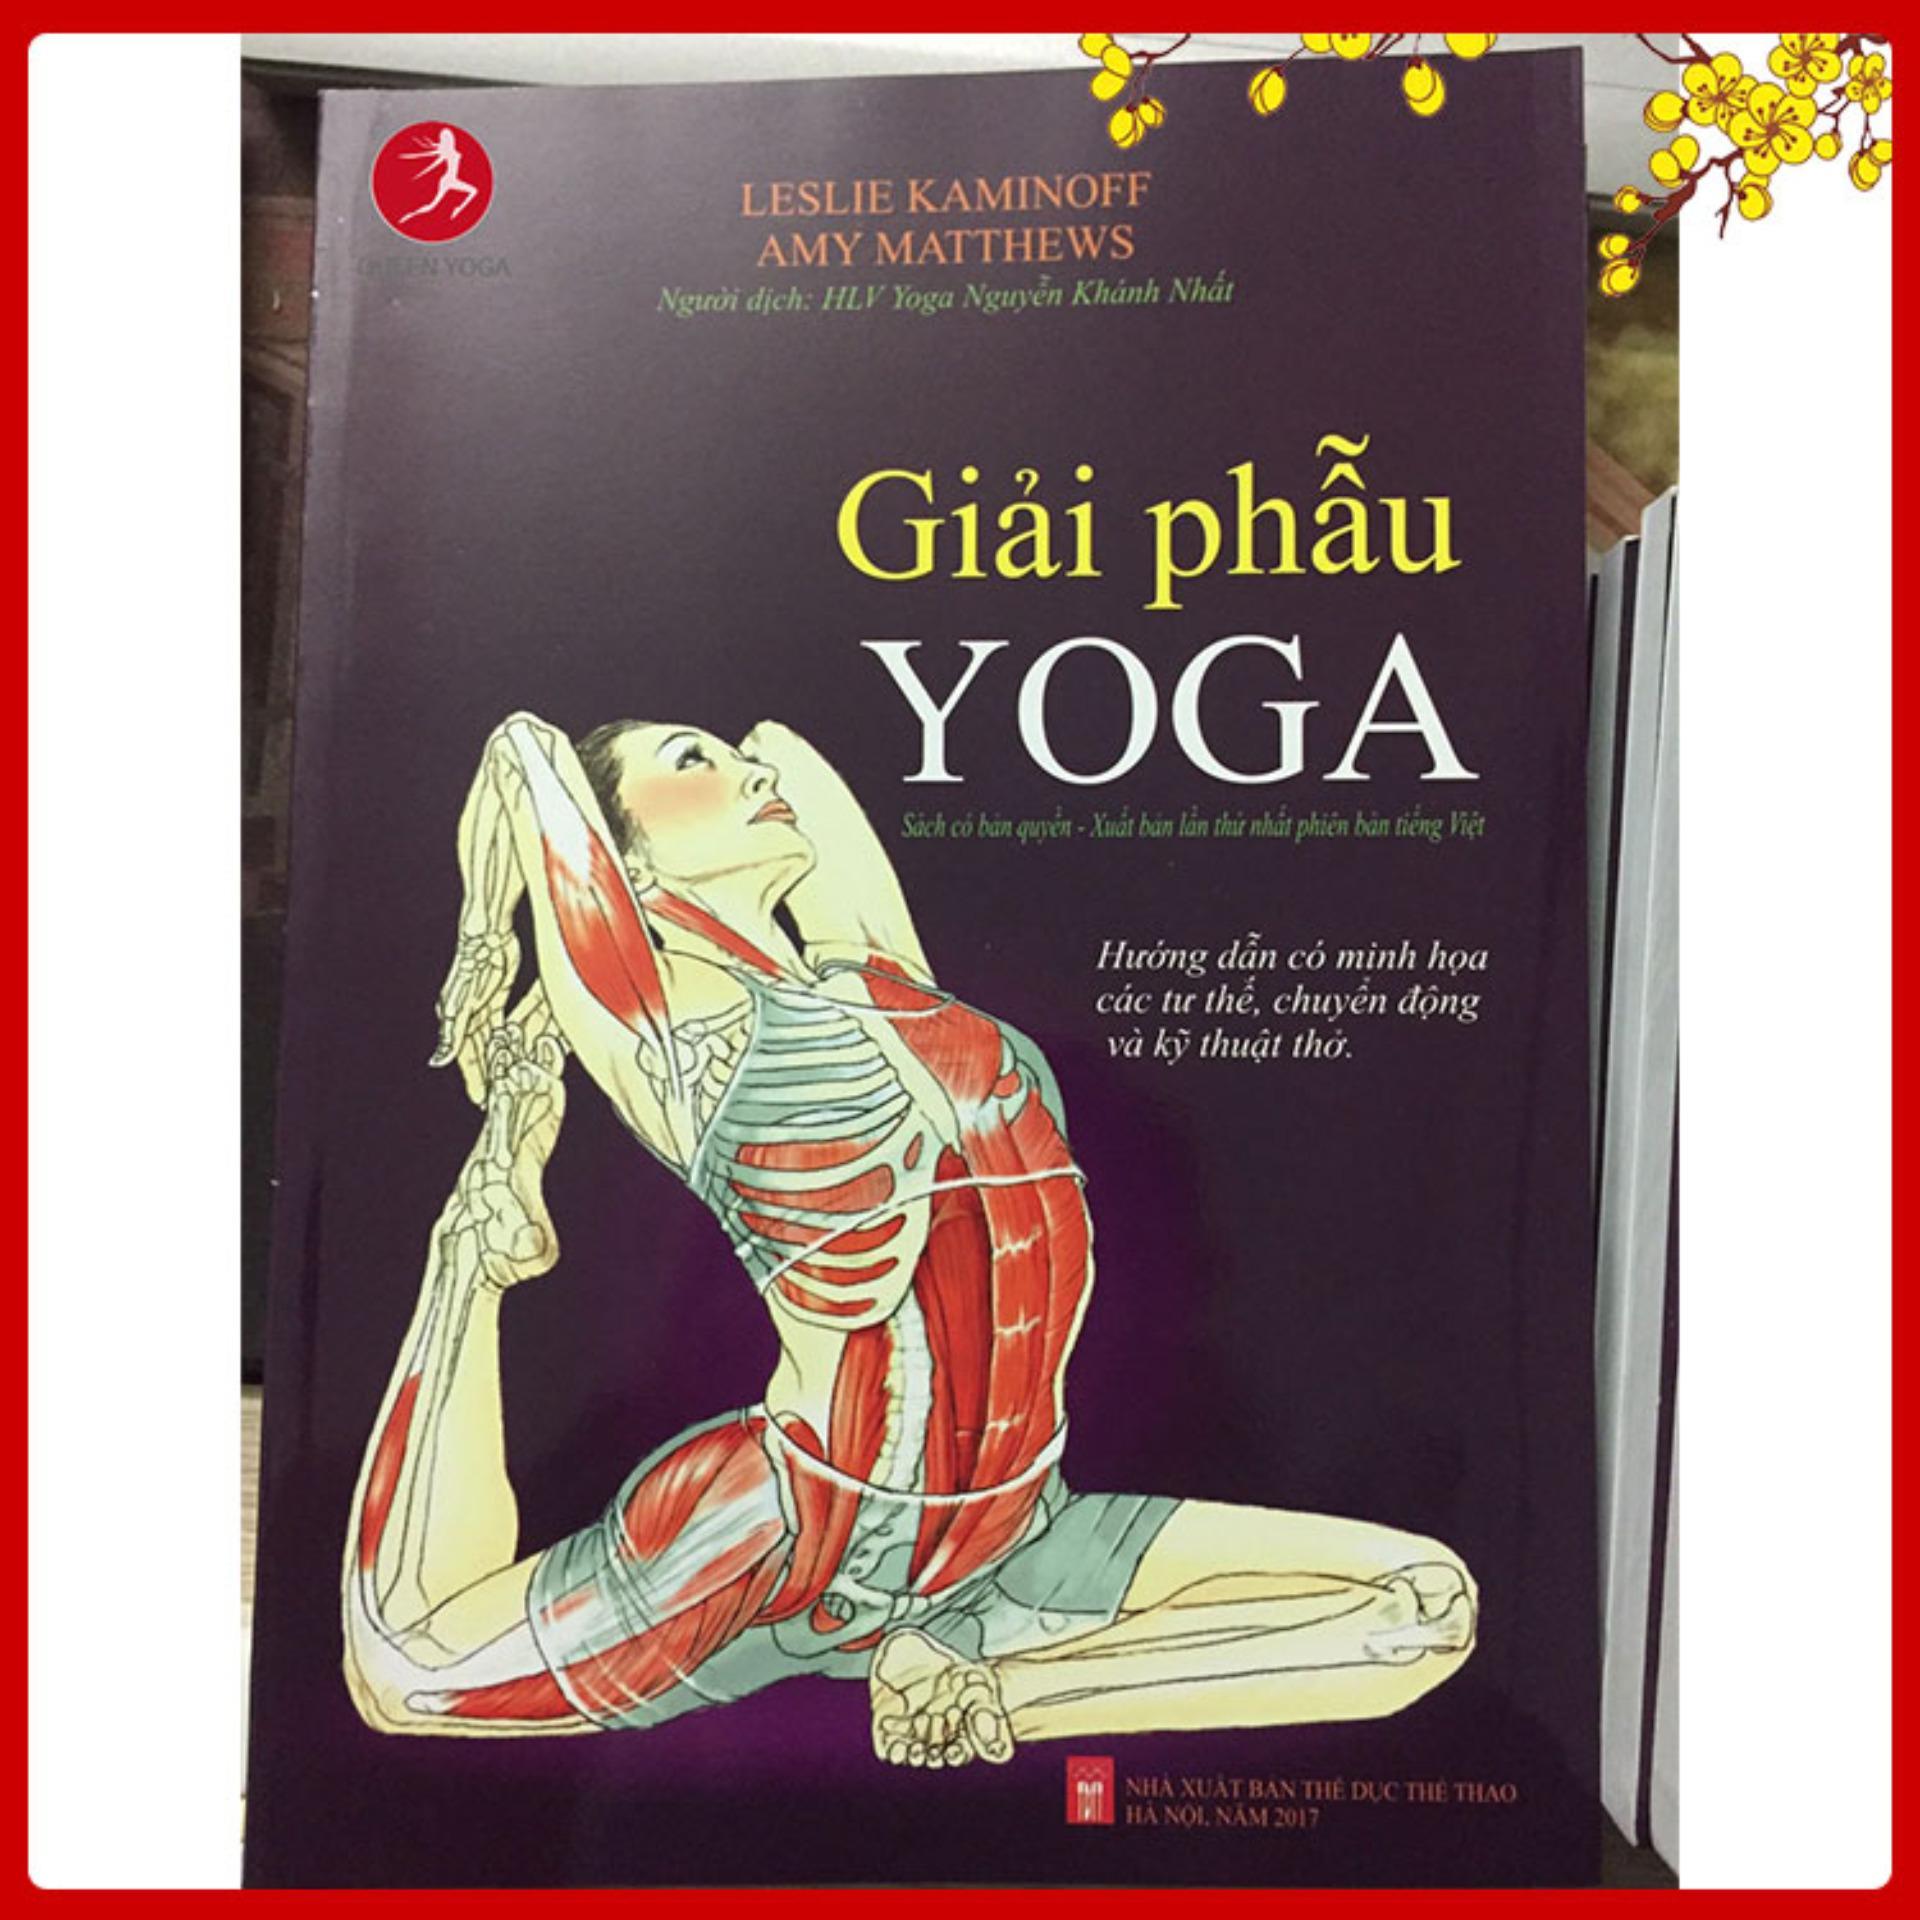 Mua Sách Giải Phẫu Yoga Tiếng Việt Bản Quyền - Có Chữ Ký Của Dịch Giả - Tặng sách Yoga chữa bệnh